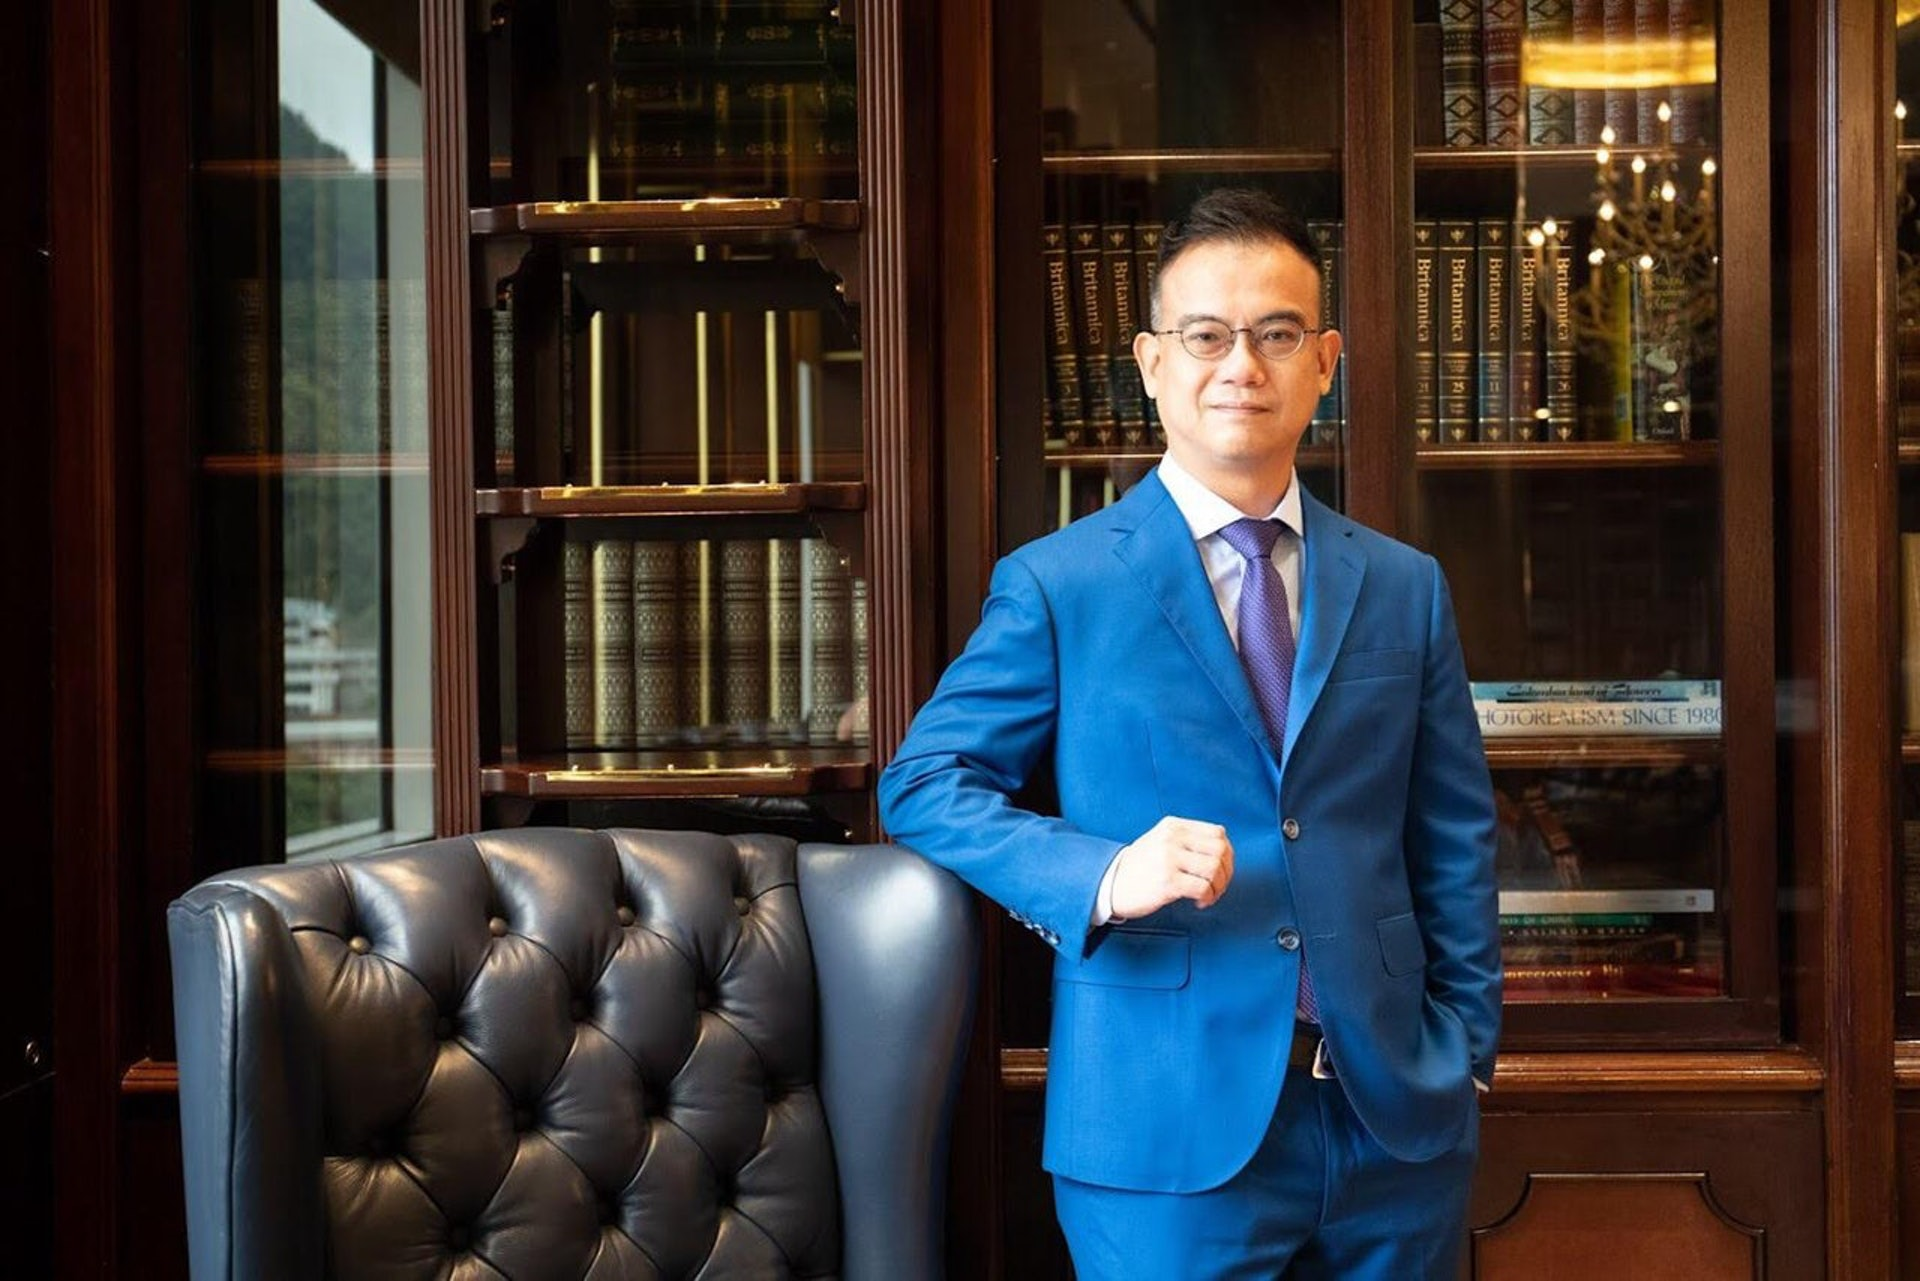 星之谷按揭行政總裁莊錦輝表示直言,承造九五成按揭的居屋業主,甚至是最多借十成按揭的銀行職員,皆是變成負資產的「高危一族」。(受訪者提供)